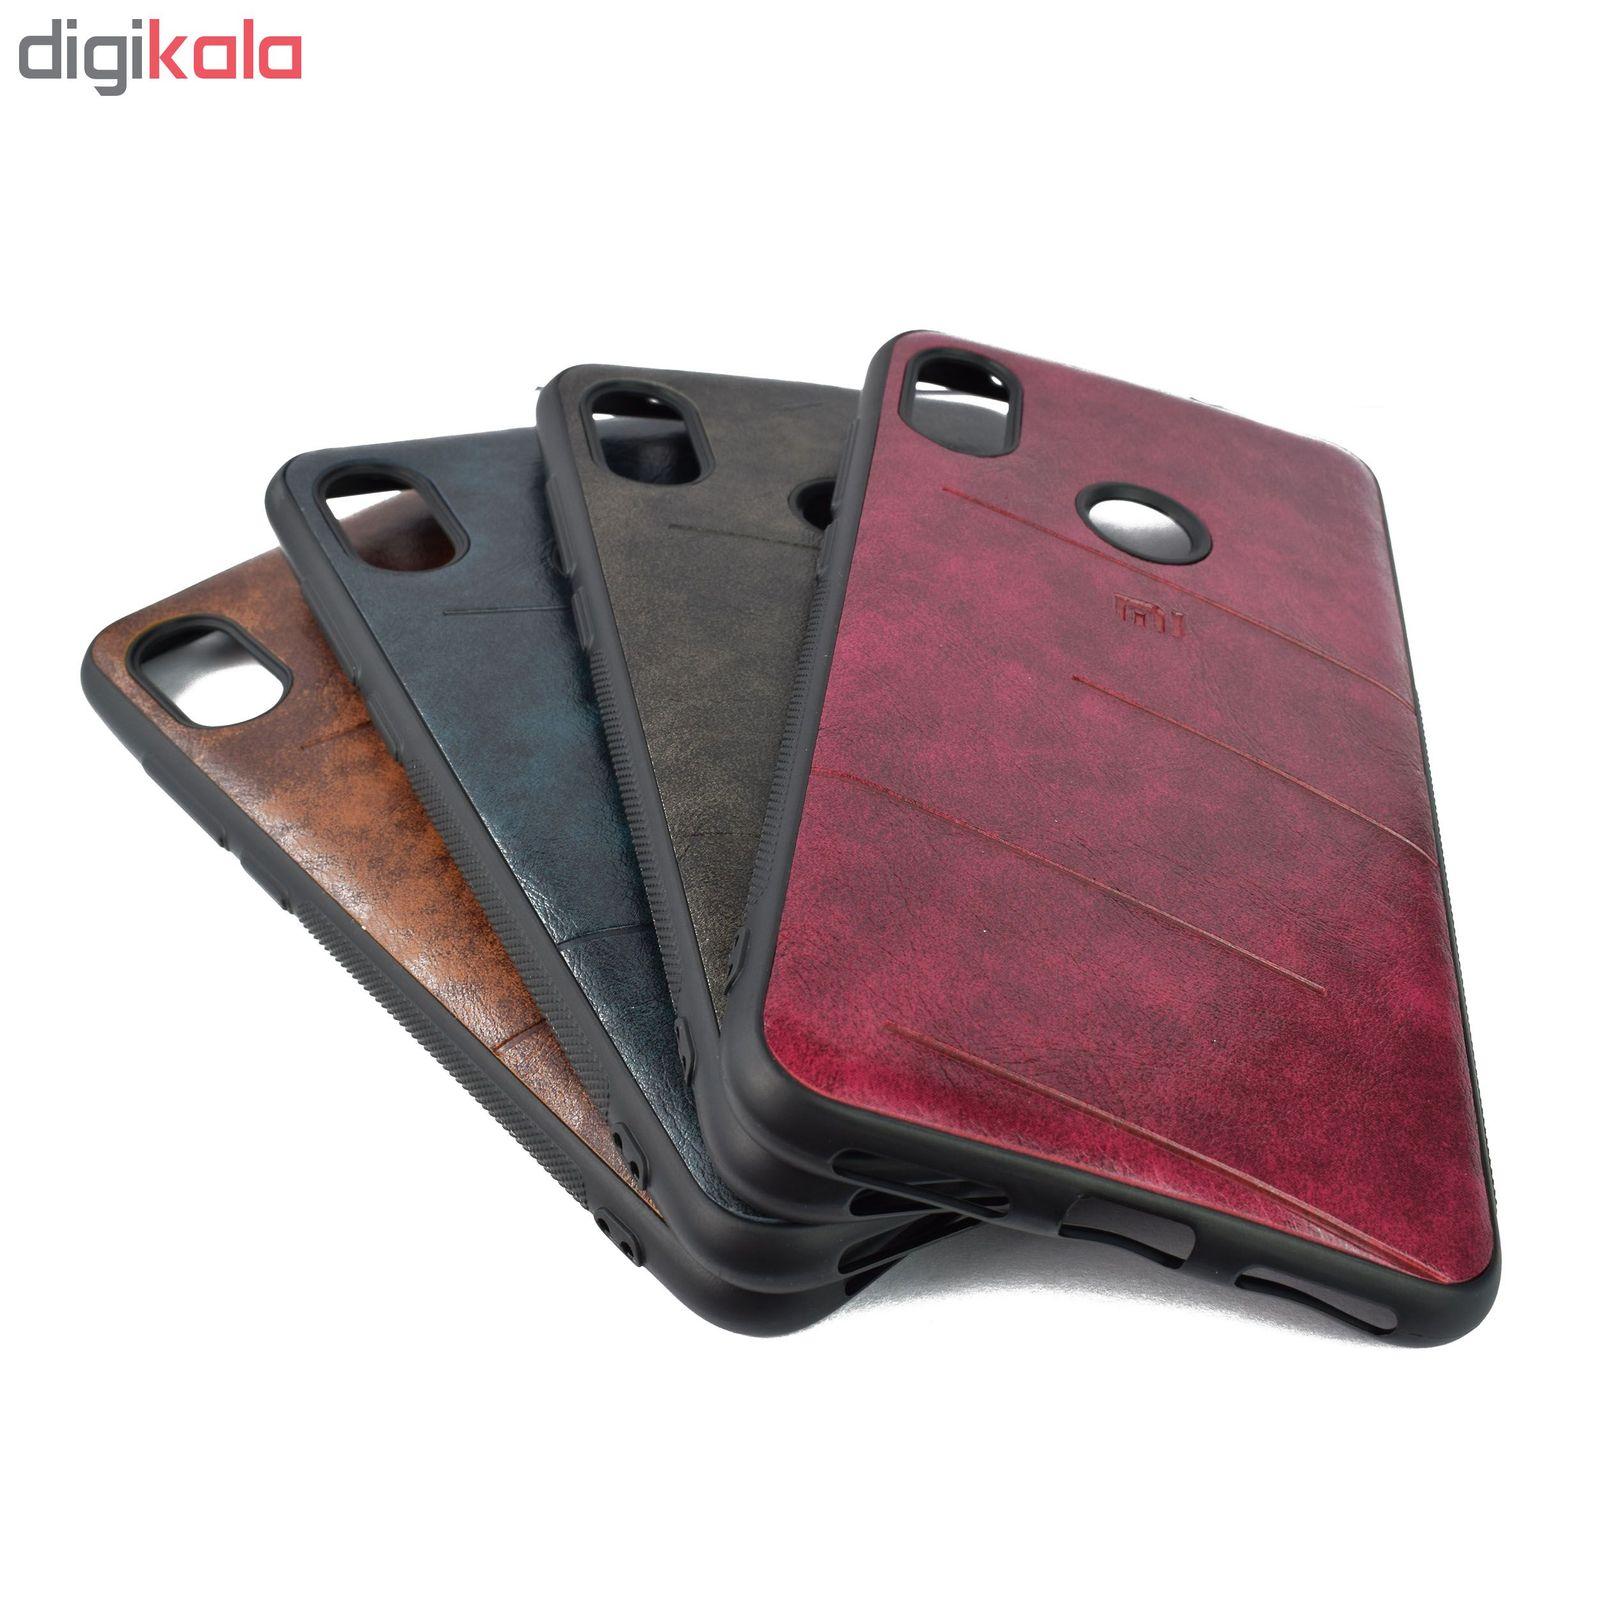 کاور مدل LT10 مناسب برای گوشی موبایل شیائومی Redmi Note 7 / Note 7 Pro main 1 12